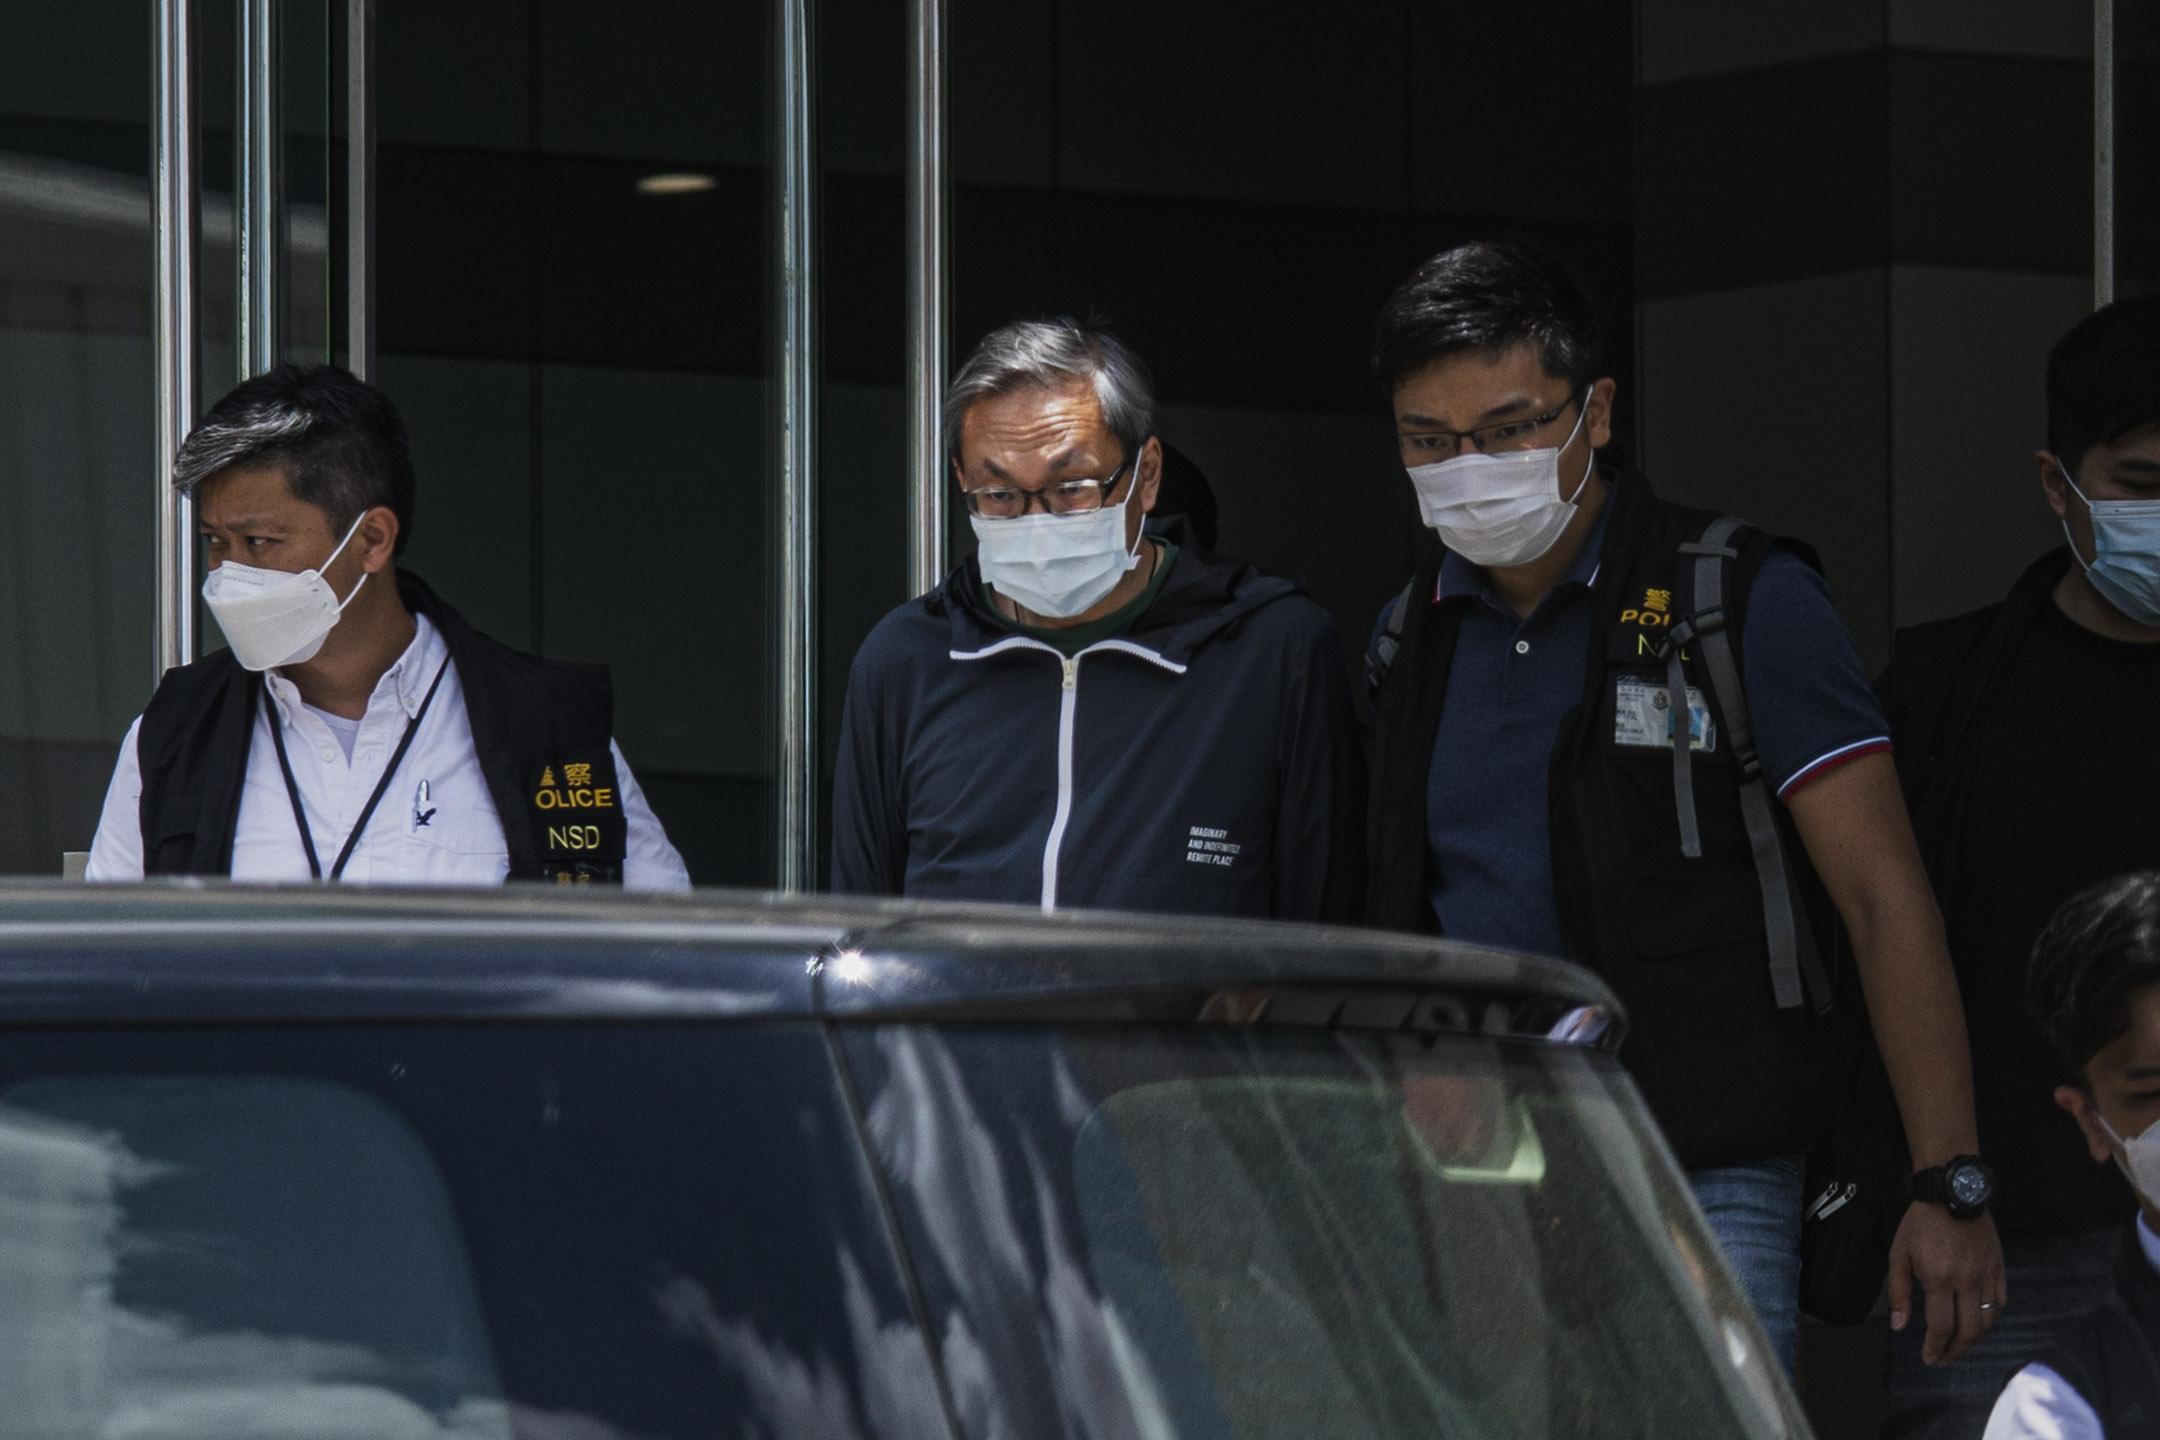 2021年6月17日將軍澳,壹傳媒集團行政總裁張劍虹被捕後被帶往蘋果大樓。 攝:陳焯煇/端傳媒